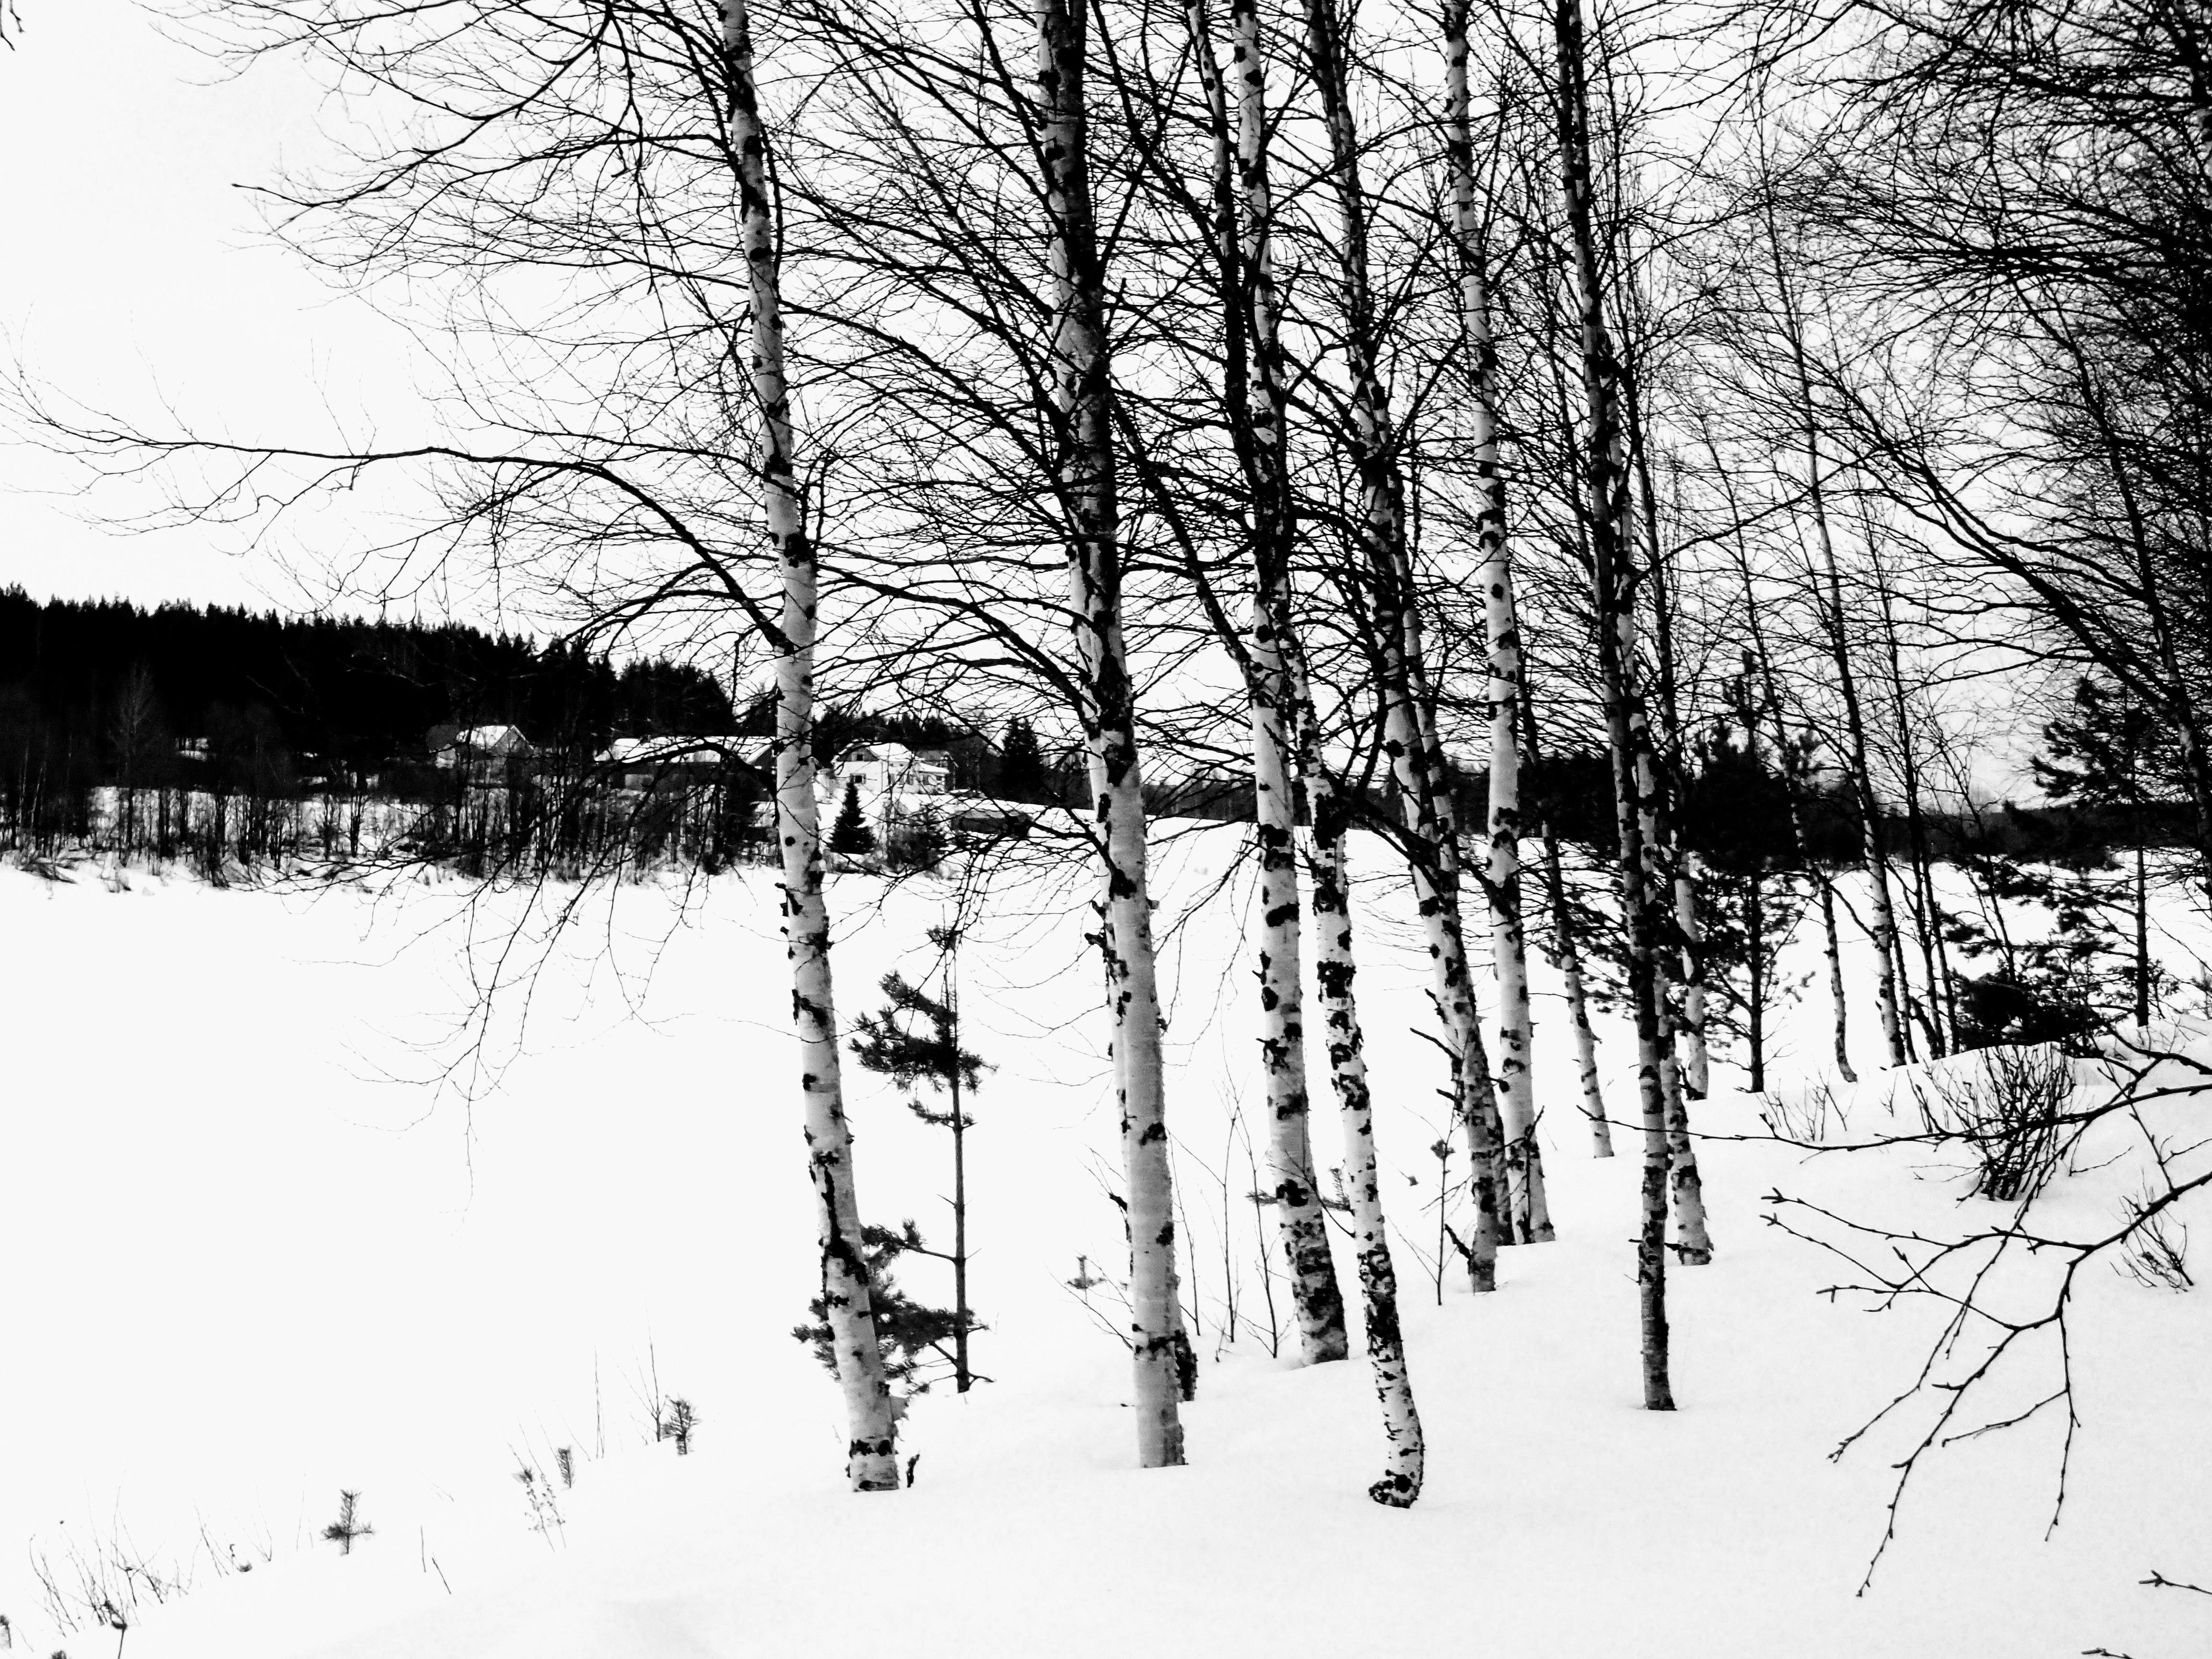 Gambar Pohon Alam Hutan Cabang Salju Musim Dingin